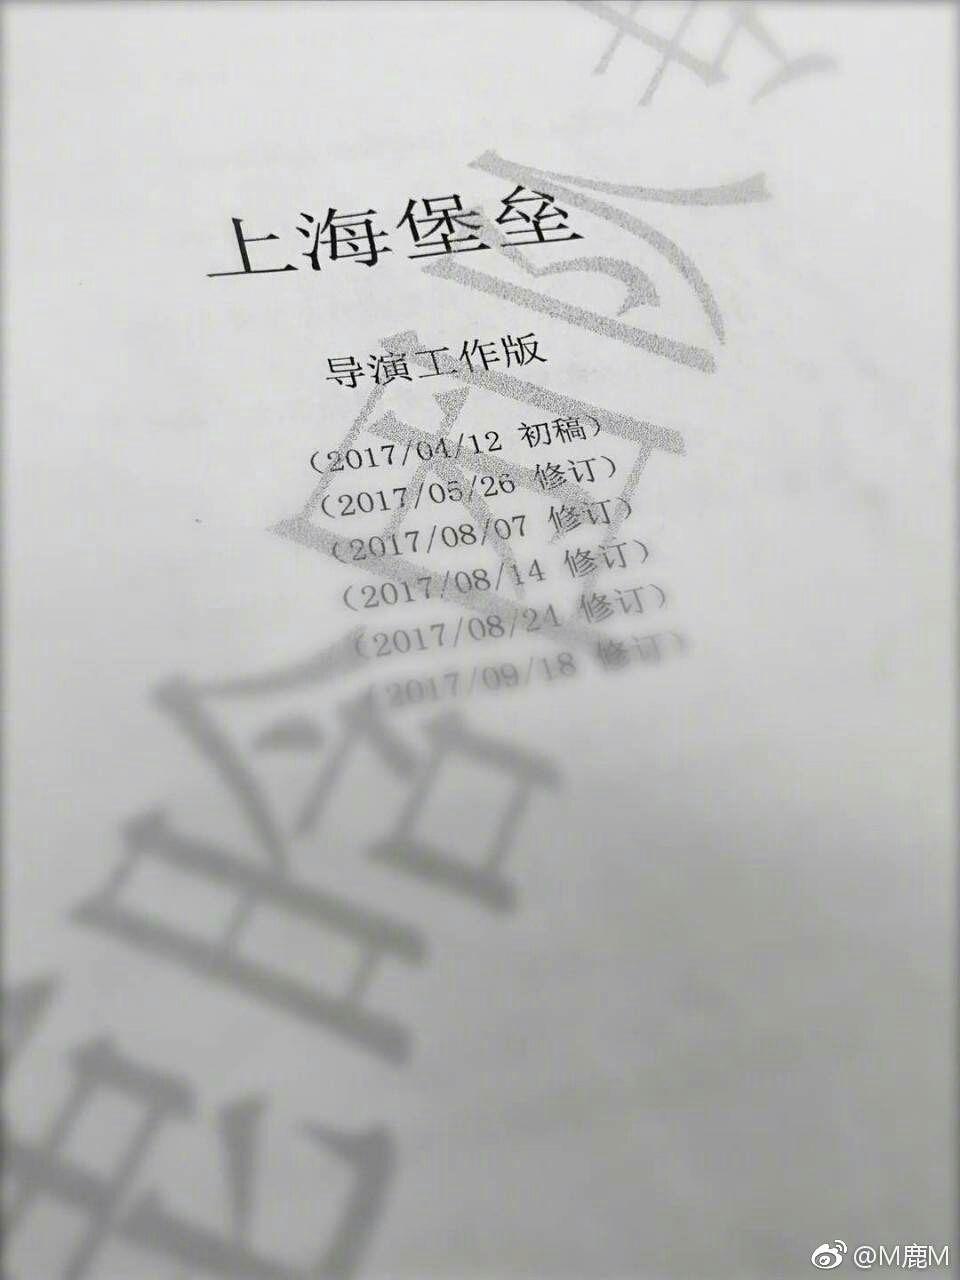 Luhan Studio cũng repost lại bài đăng của Luhan: